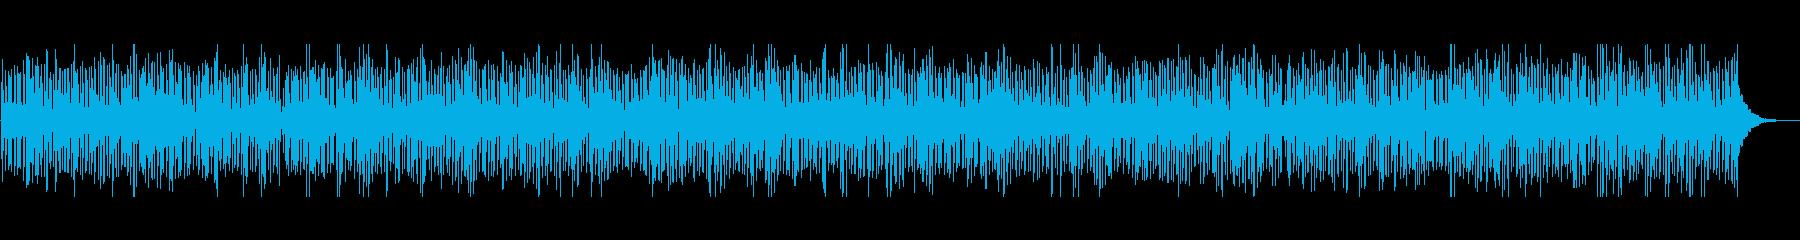 クールなR&B系モダンジャズエレピの再生済みの波形